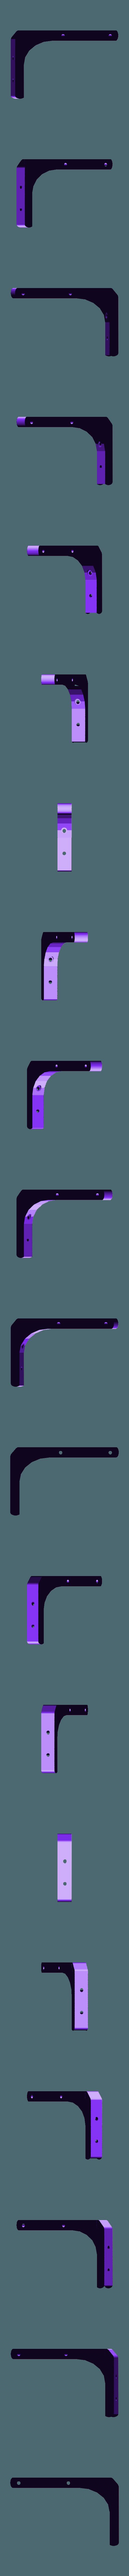 clothesline tendal.stl Télécharger fichier STL gratuit Mini-corde à linge - Mini Tendal • Plan à imprimer en 3D, frgbpon